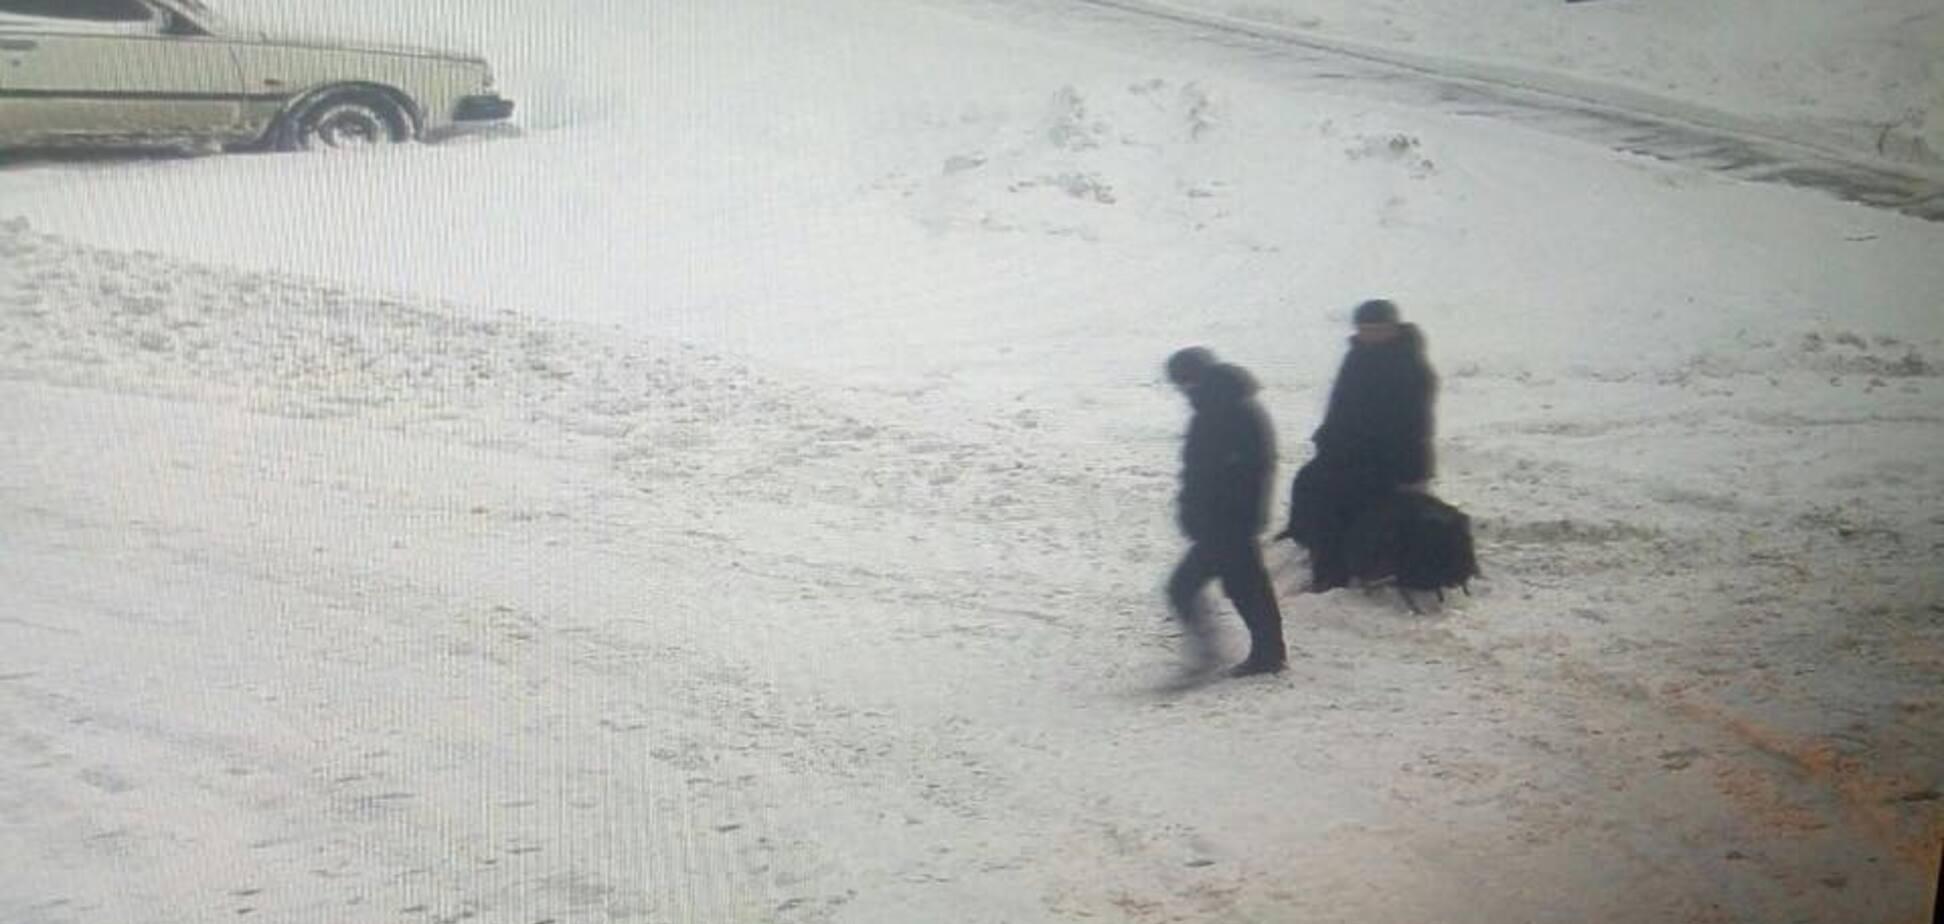 Семенченко вынес оружие из 'михомайдана' перед сносом - Аваков